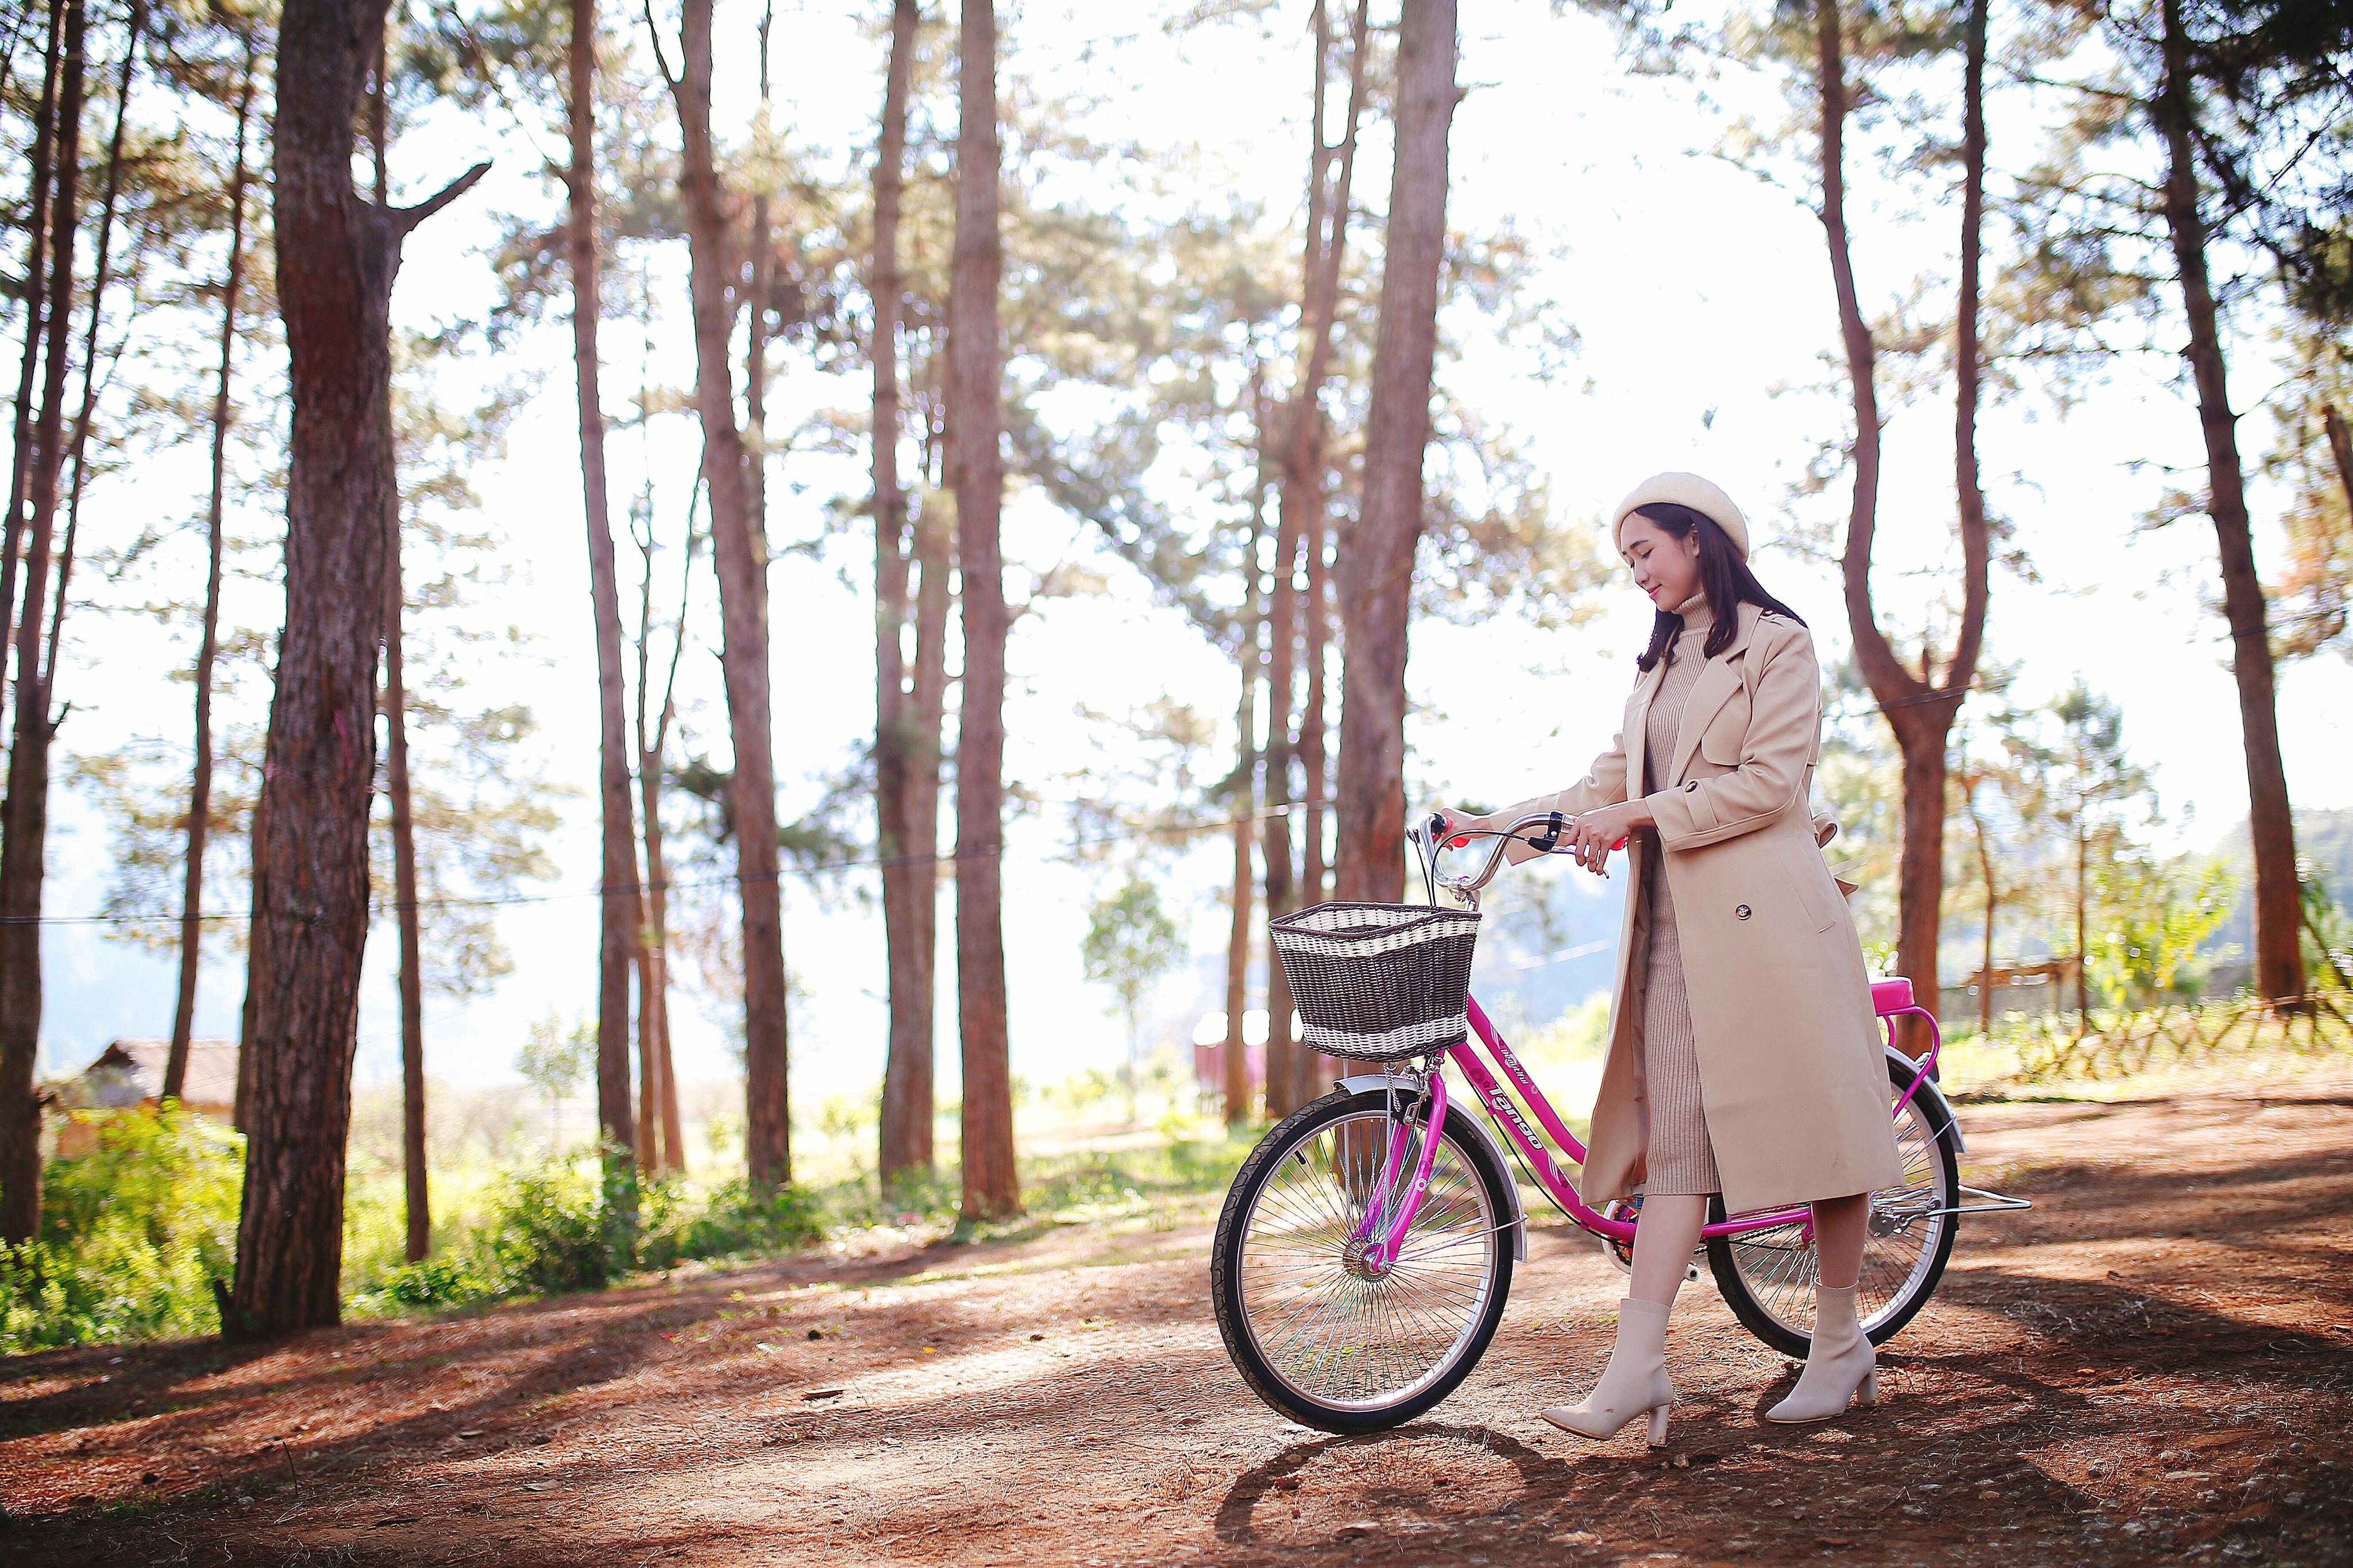 Cảnh quay đi xe đạp trong rừng thông Bản Áng, Mộc Châu